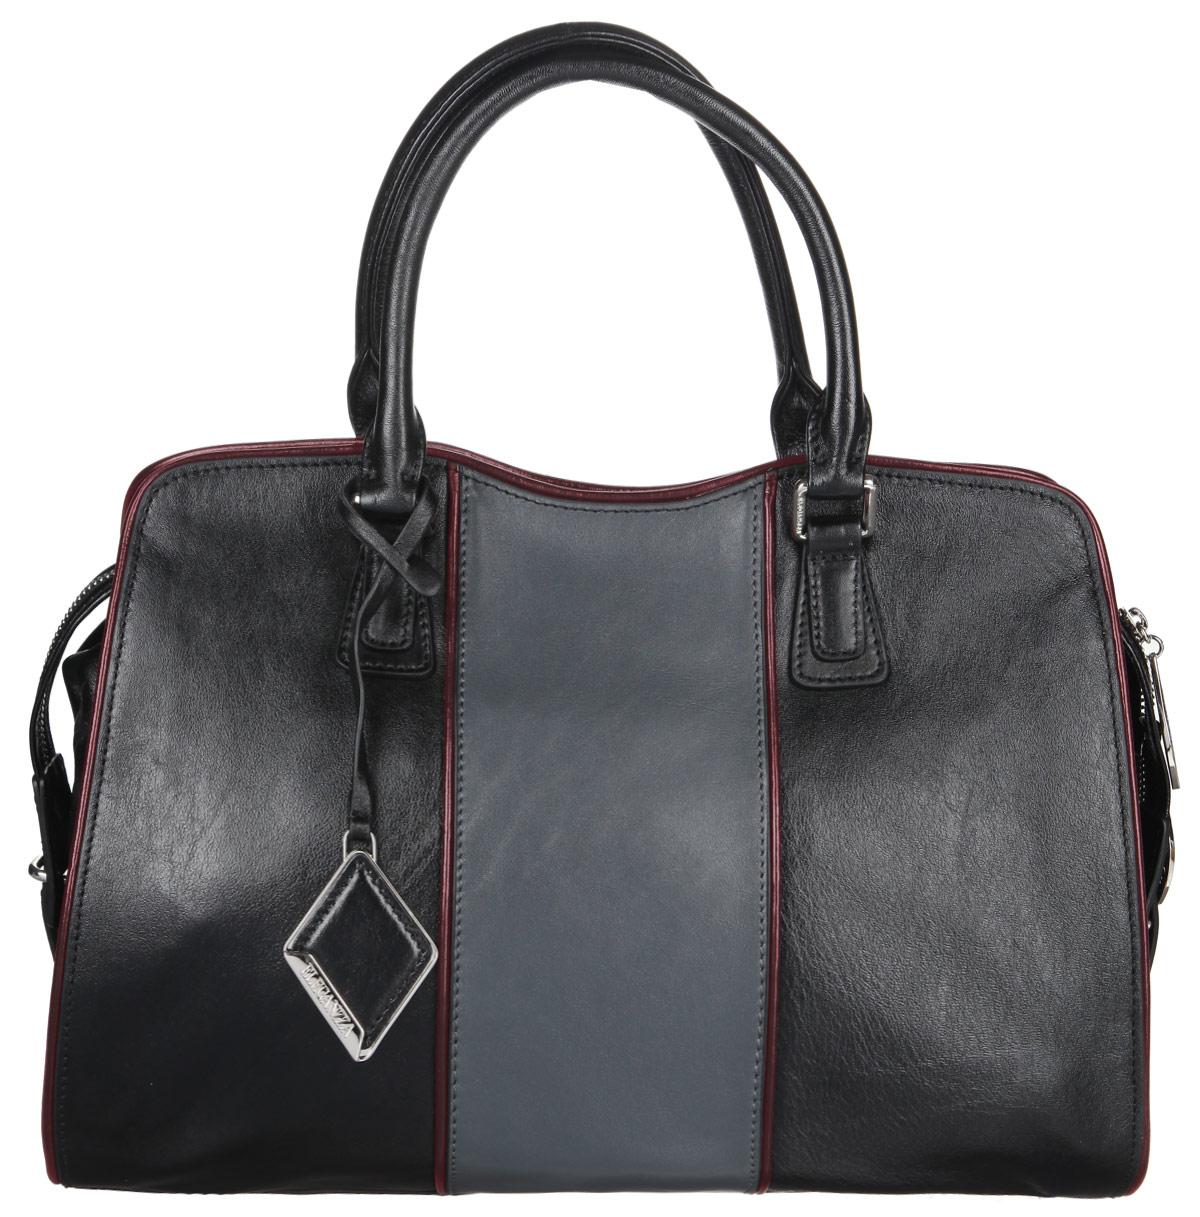 Сумка женская Eleganzza, цвет: черный. Z29-5166Z29-5166Стильная сумка Eleganzza, изготовлена из натуральной кожи, оформлена металлической фурнитурой и подвеской ромбовидной формы. Изделие содержит одно отделение, которое закрывается на застежку-молнию. Внутри изделия расположены два накладных кармашка для мелочей, врезной карман на молнии. Задняя сторона сумки дополнена врезным карманом на молнии. Изделие оснащено двумя практичными ручками и съемным плечевым ремнем. Дно сумки дополнено металлическими ножками, которые защитят изделие от преждевременного изнашивания. Оригинальный аксессуар позволит вам завершить образ и быть неотразимой.